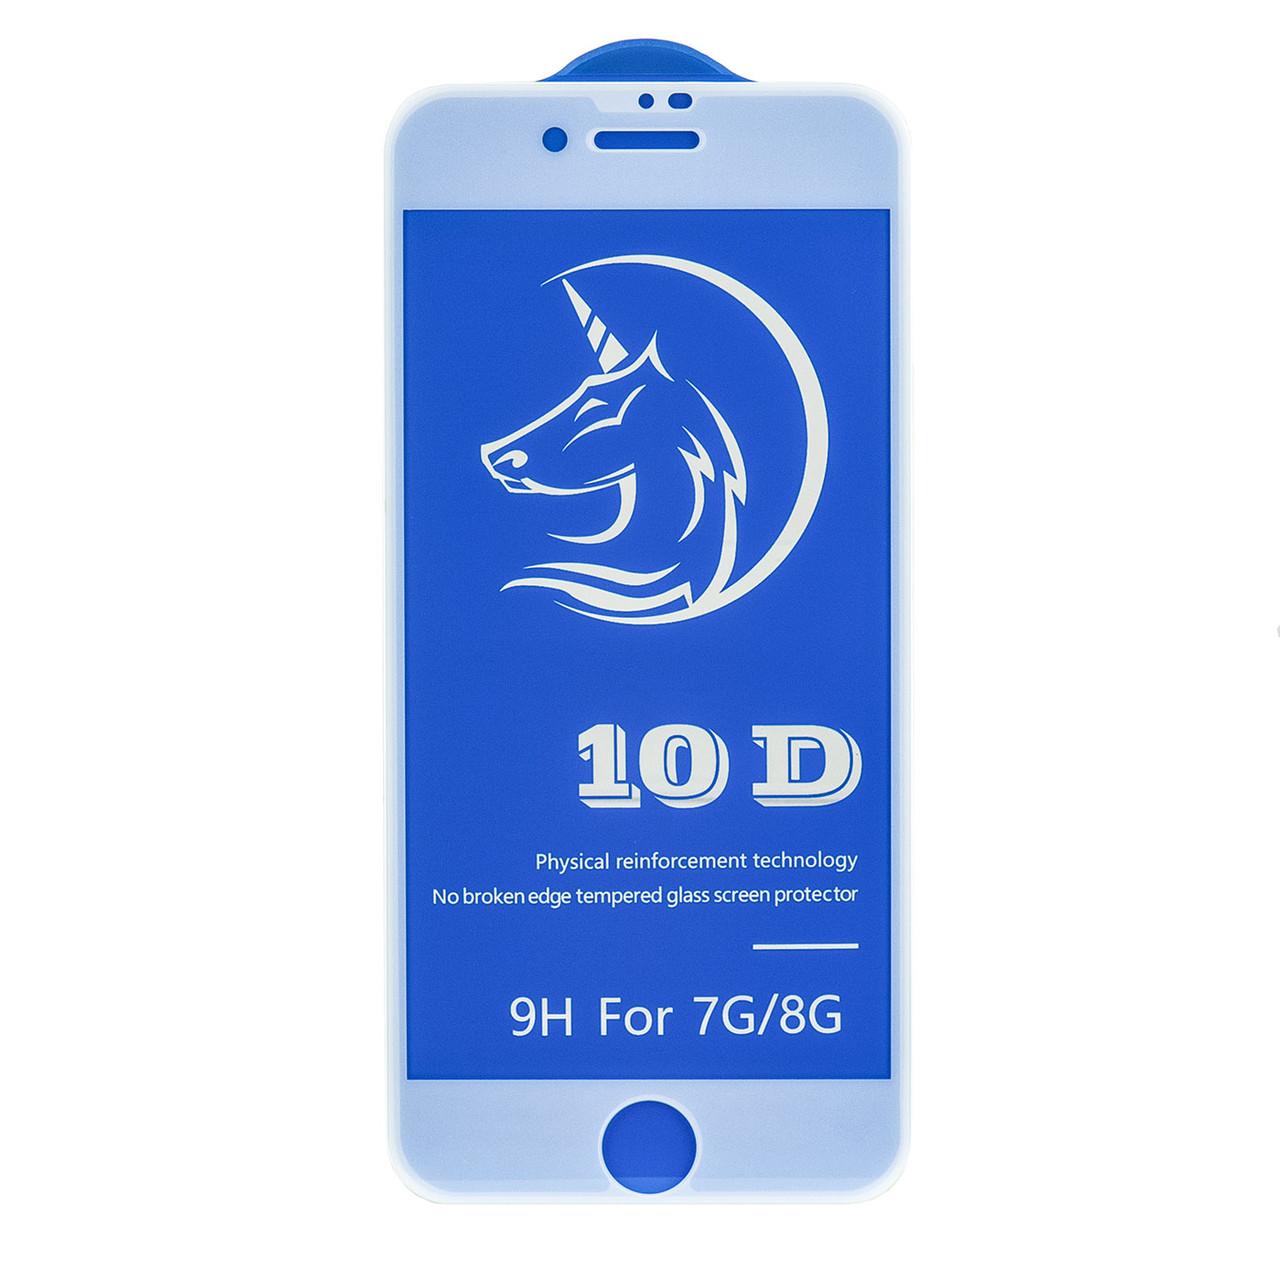 Защитное стекло Apple iPhone 7/ iPhone 8 3D Full Glue frame 10D+ OEM (AL), White